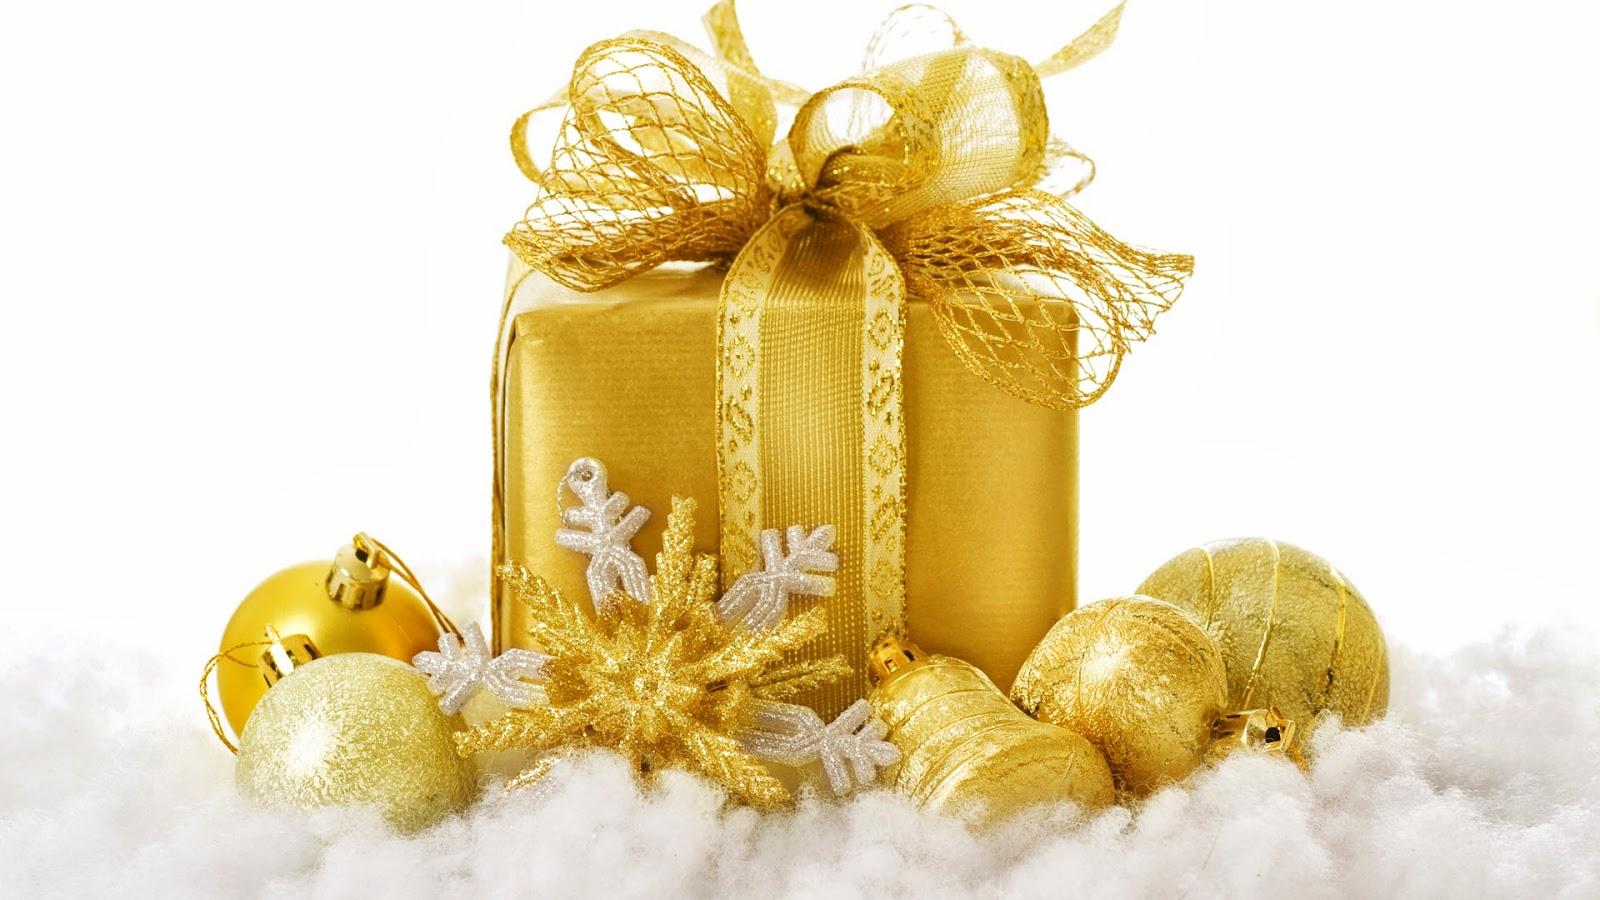 Imagenes zt descarga fondos hd fondo de pantalla navidad estuches bolas doradas - Fotos de bolas de navidad ...